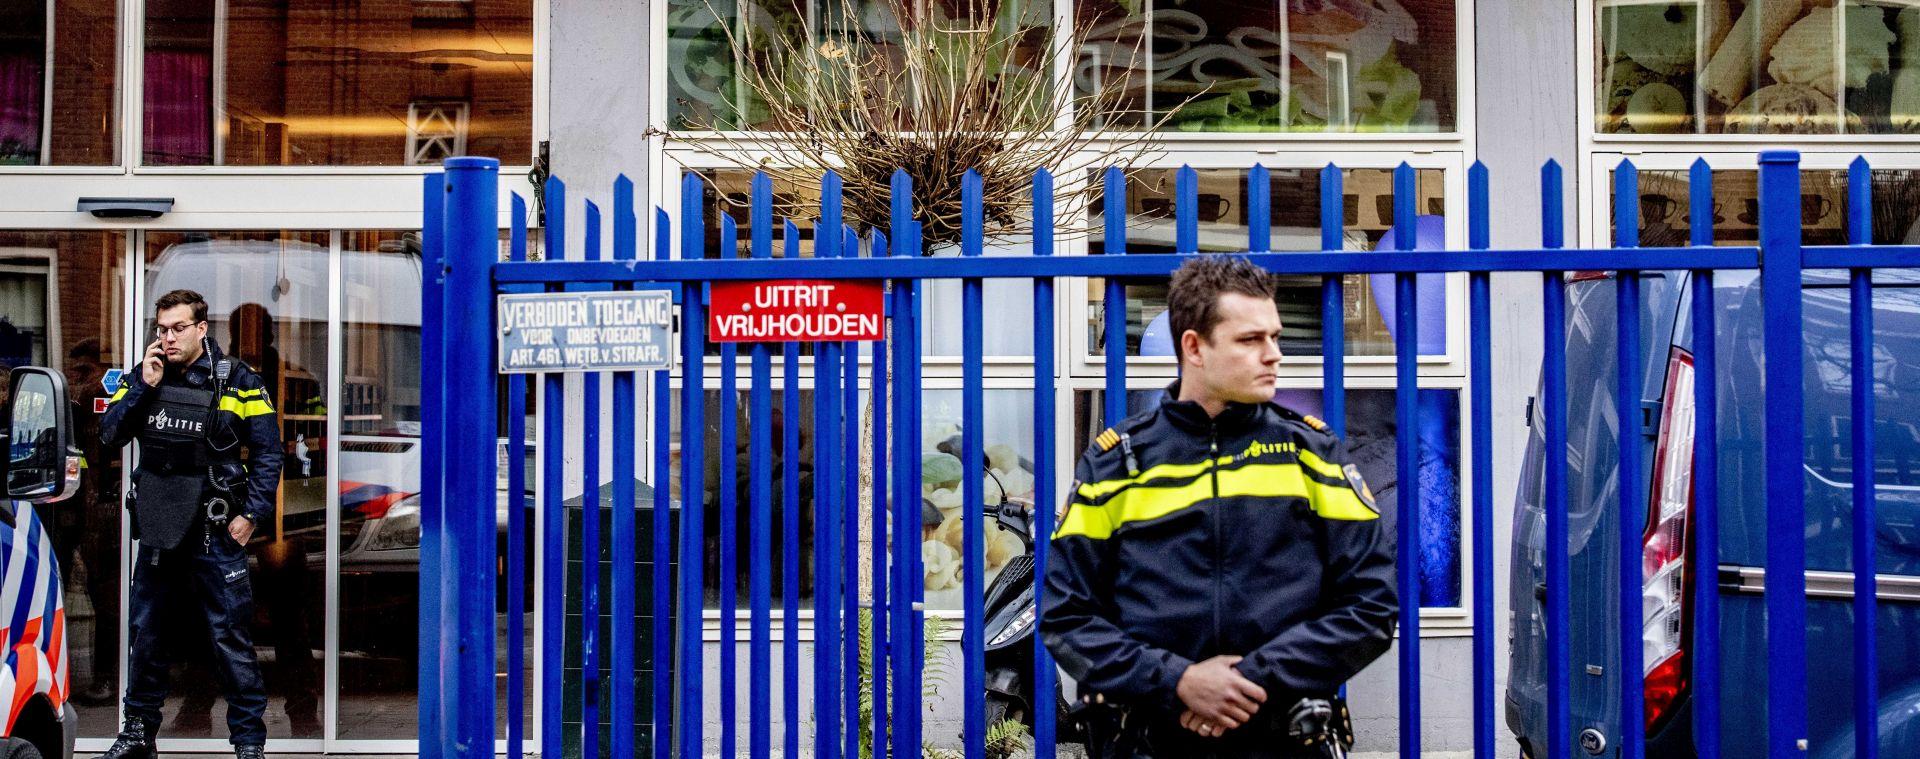 U Nizozemskoj uhićena četvorica osumnjičenih terorista